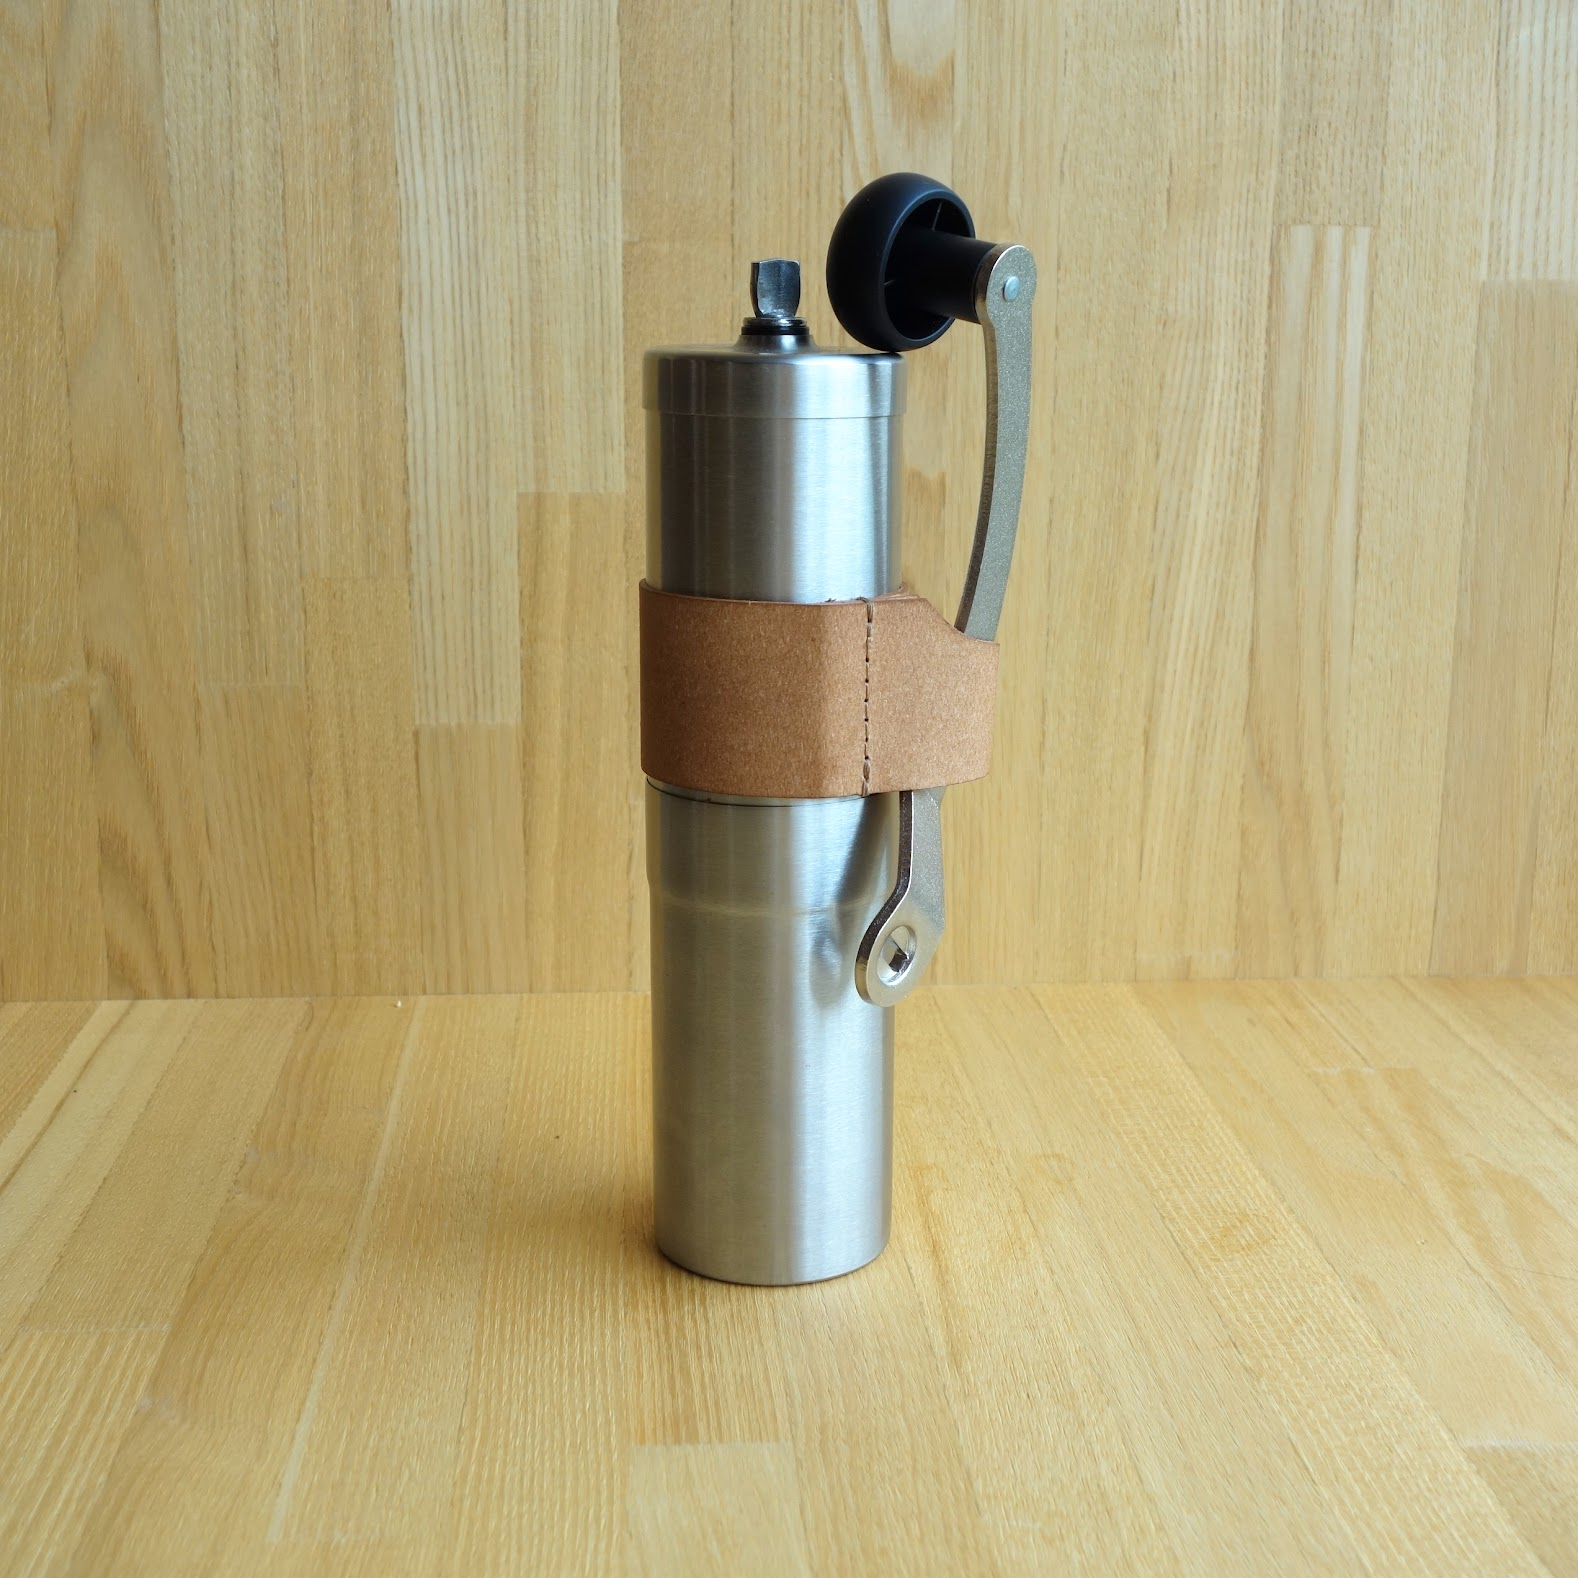 ポーレックス コーヒーミル2 ハンドルホルダー収納状態